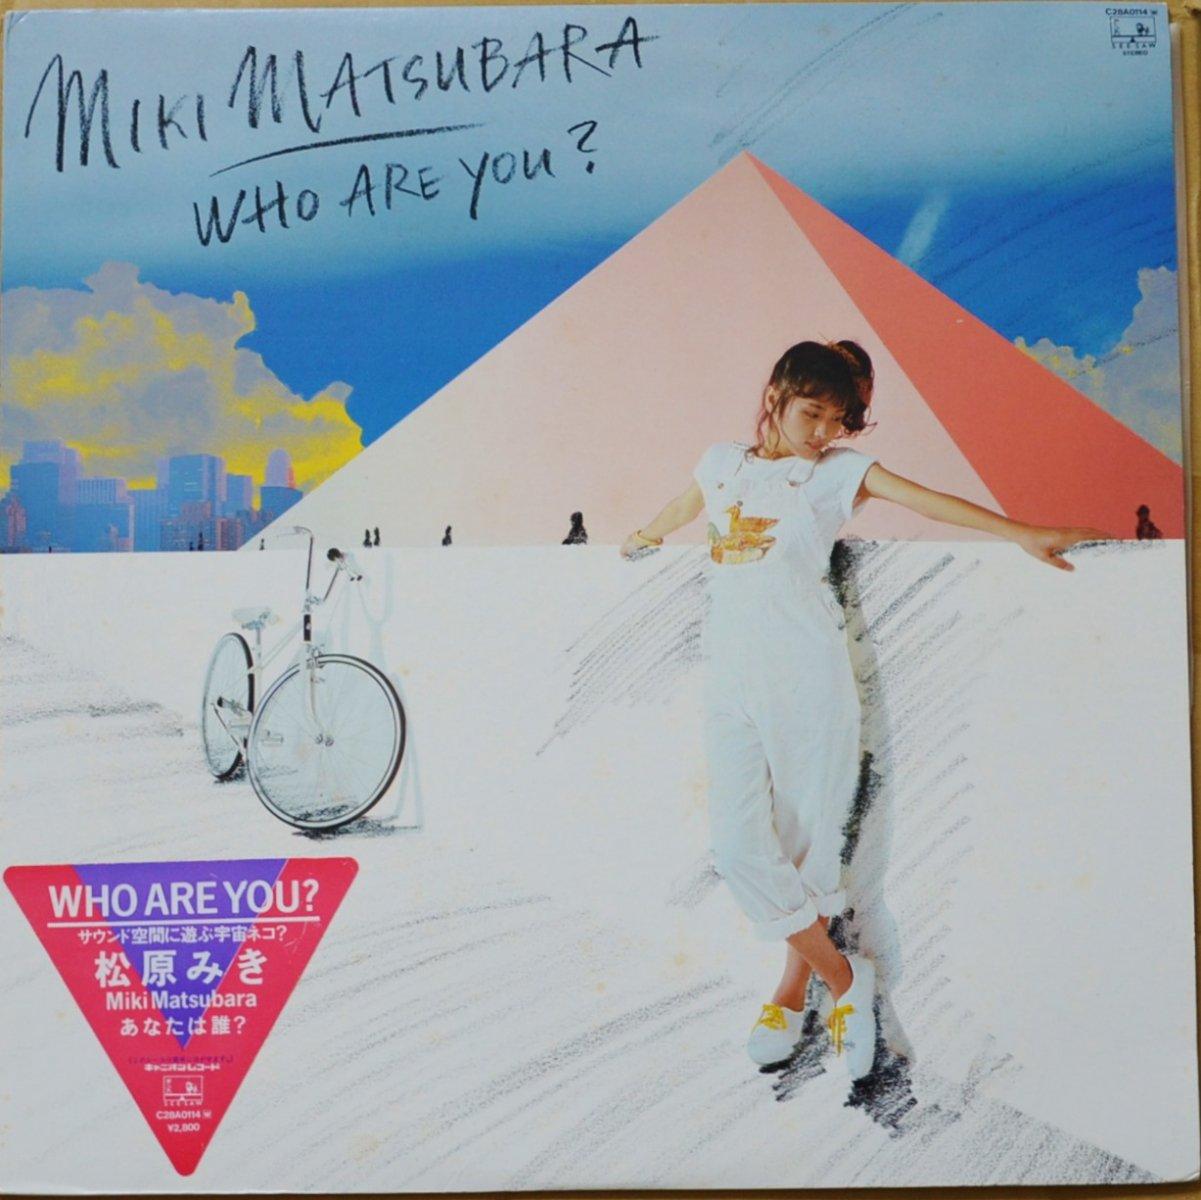 松原みき MIKI MATSUBARA / WHO ARE YOU? (LP)